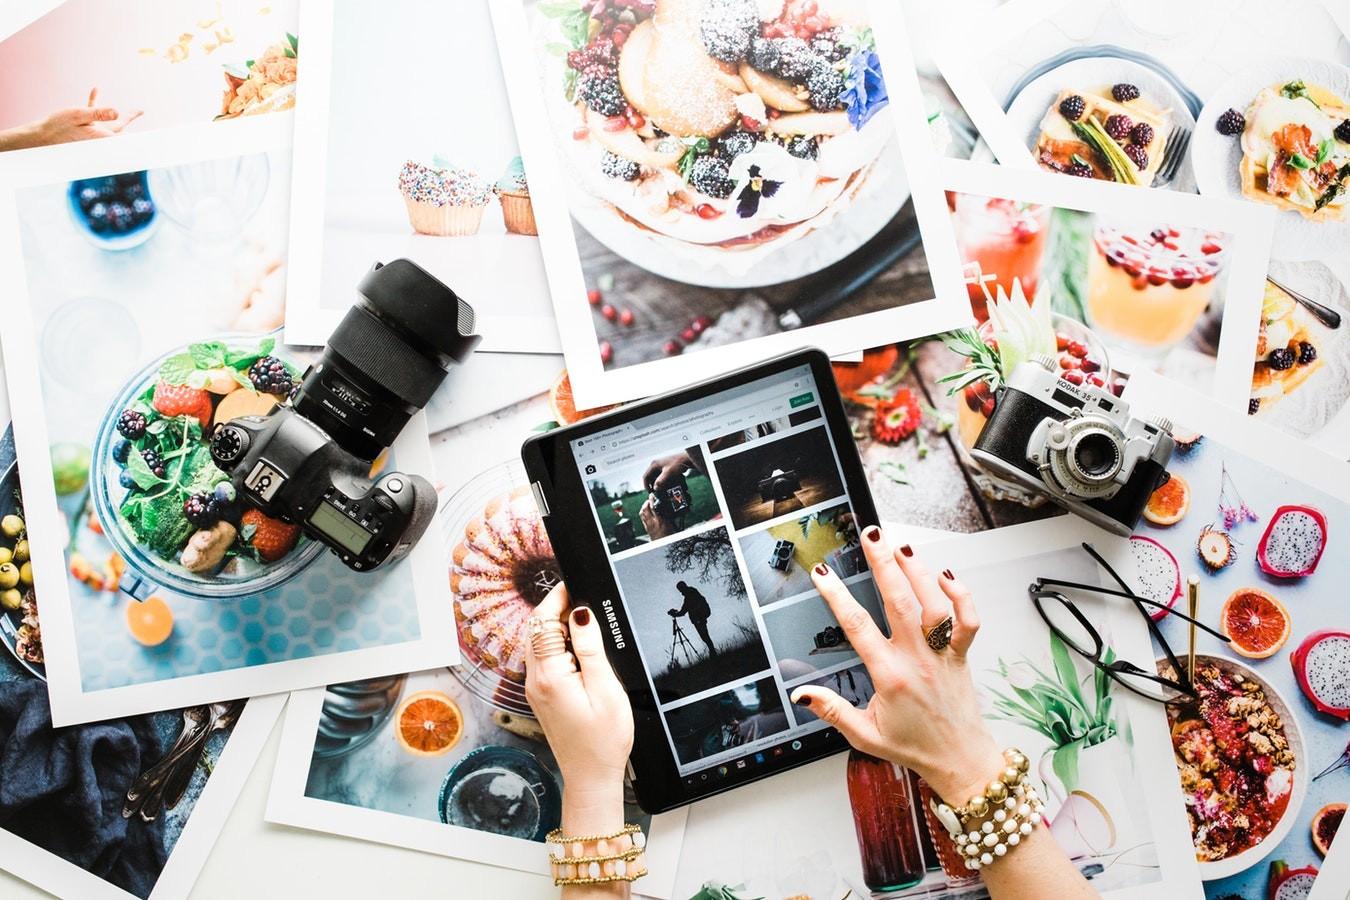 Как зарабатывать на фотостоках новичку: сколько можно зарабатывать, обязательно ли быть фотографом